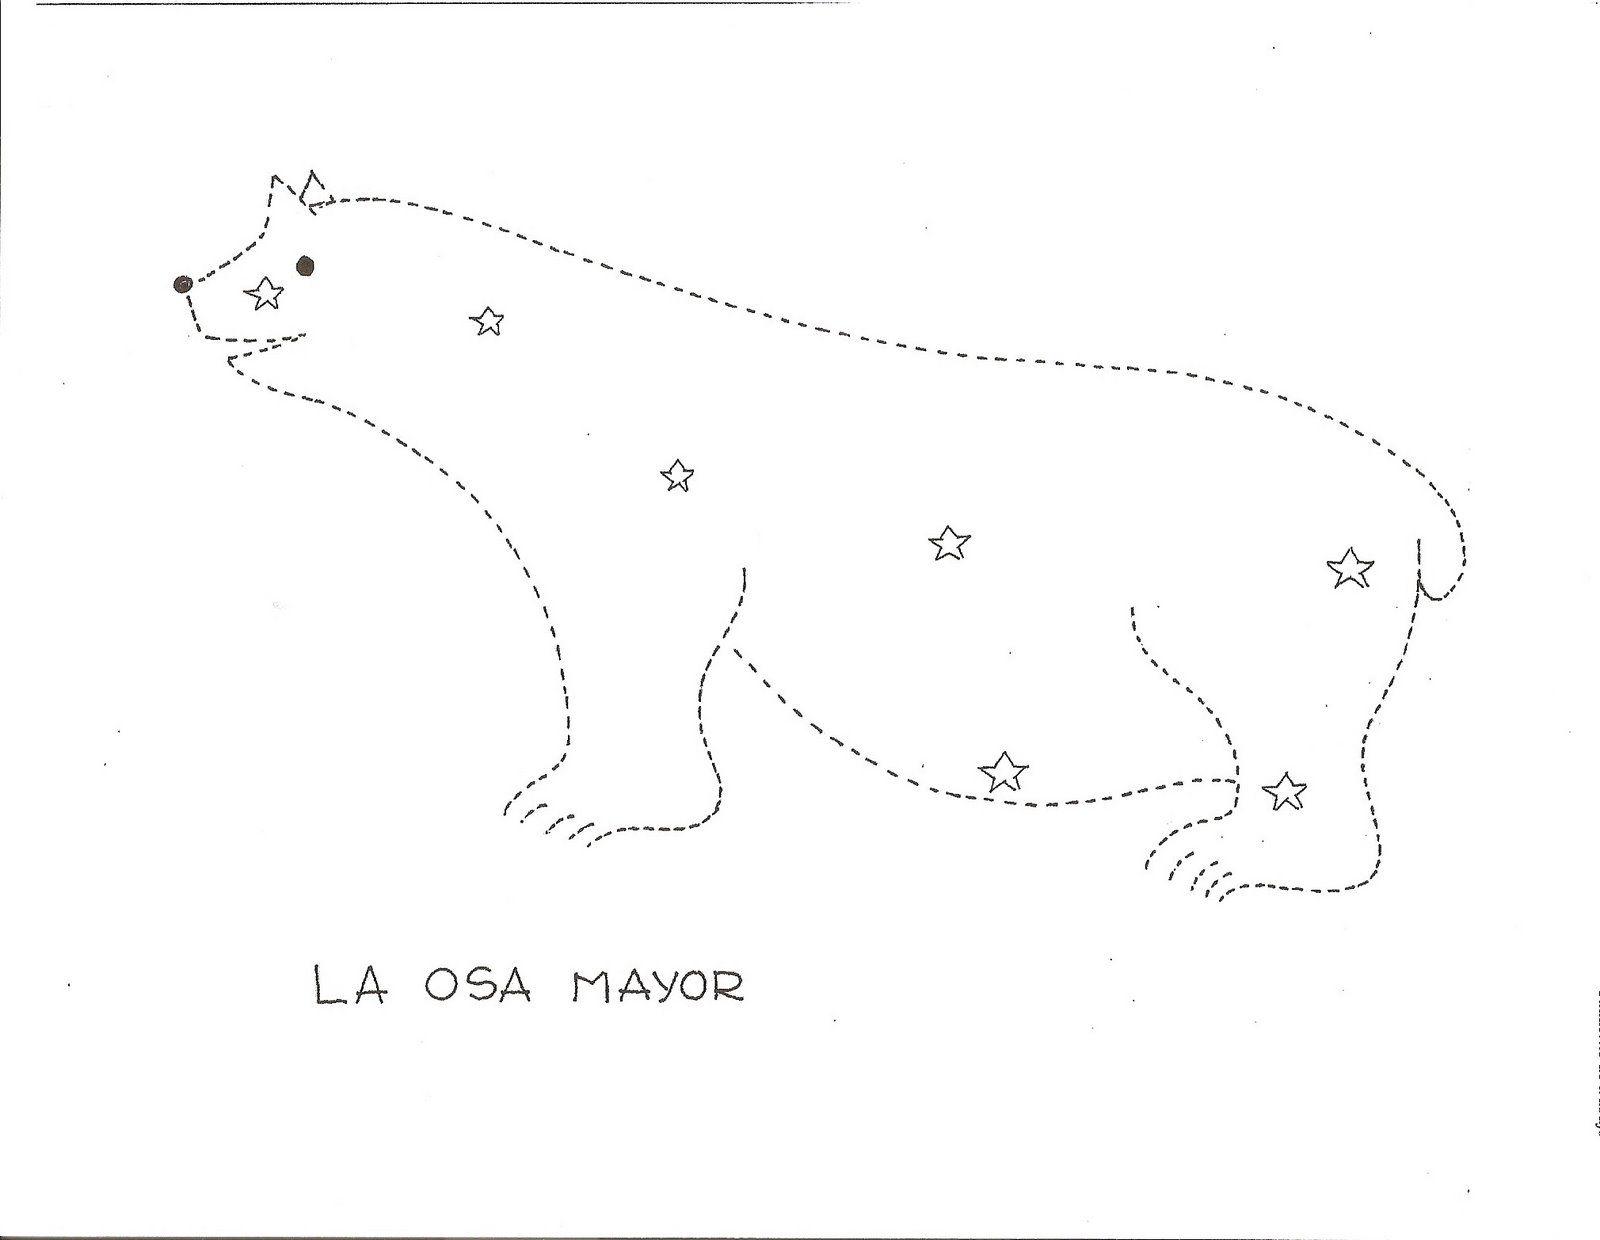 Resultado de imagen de une los puntos para didujar una constelación ...